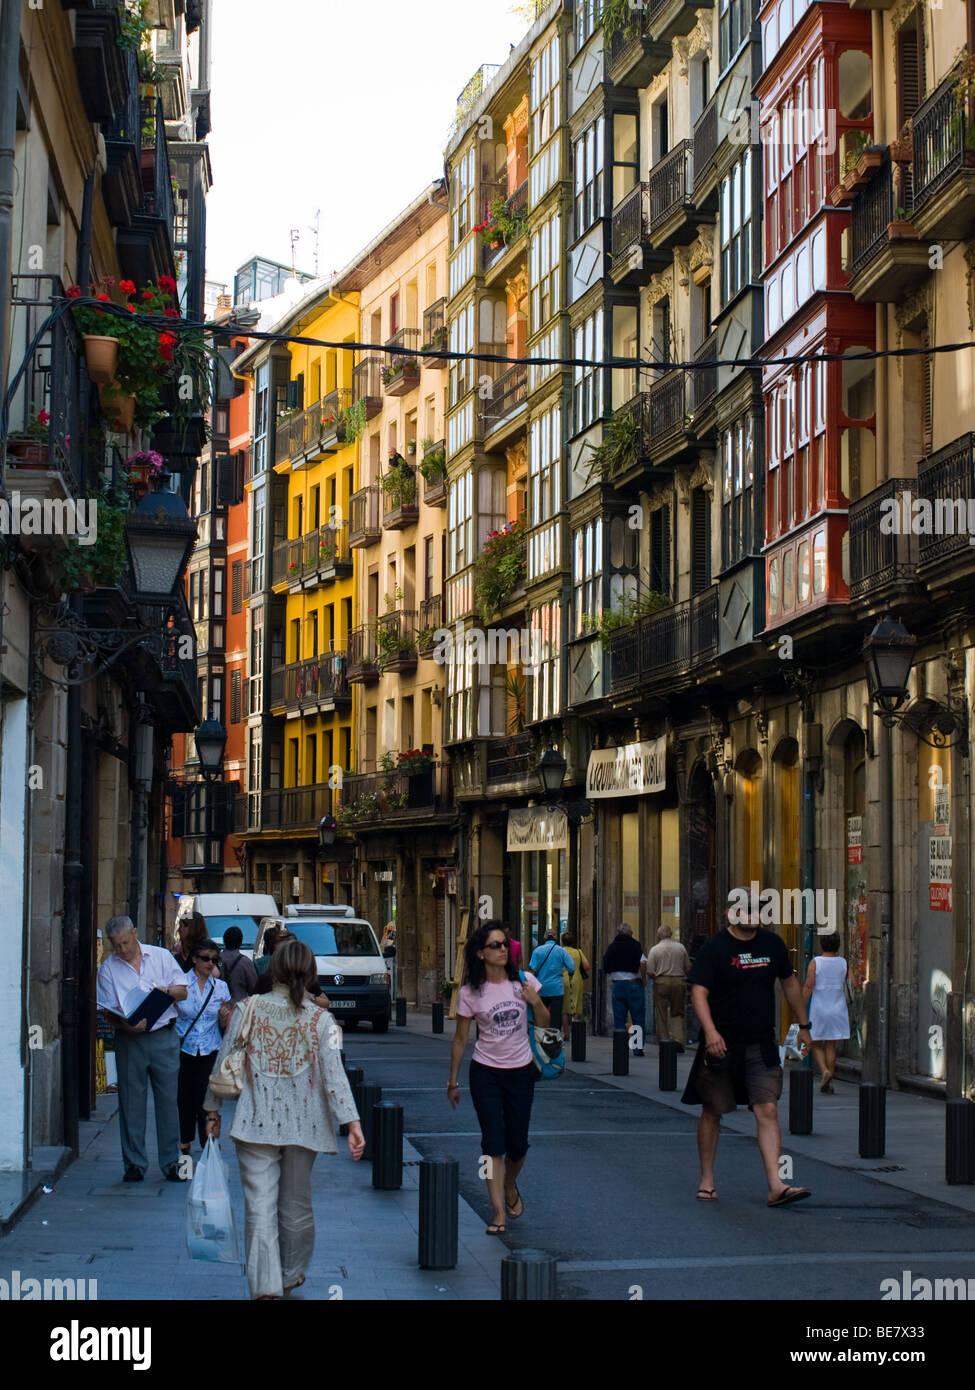 Eine Straße Szene vom Bezirk Casco Viejo (Altstadt) von Bilbao, Spanien. Stockbild